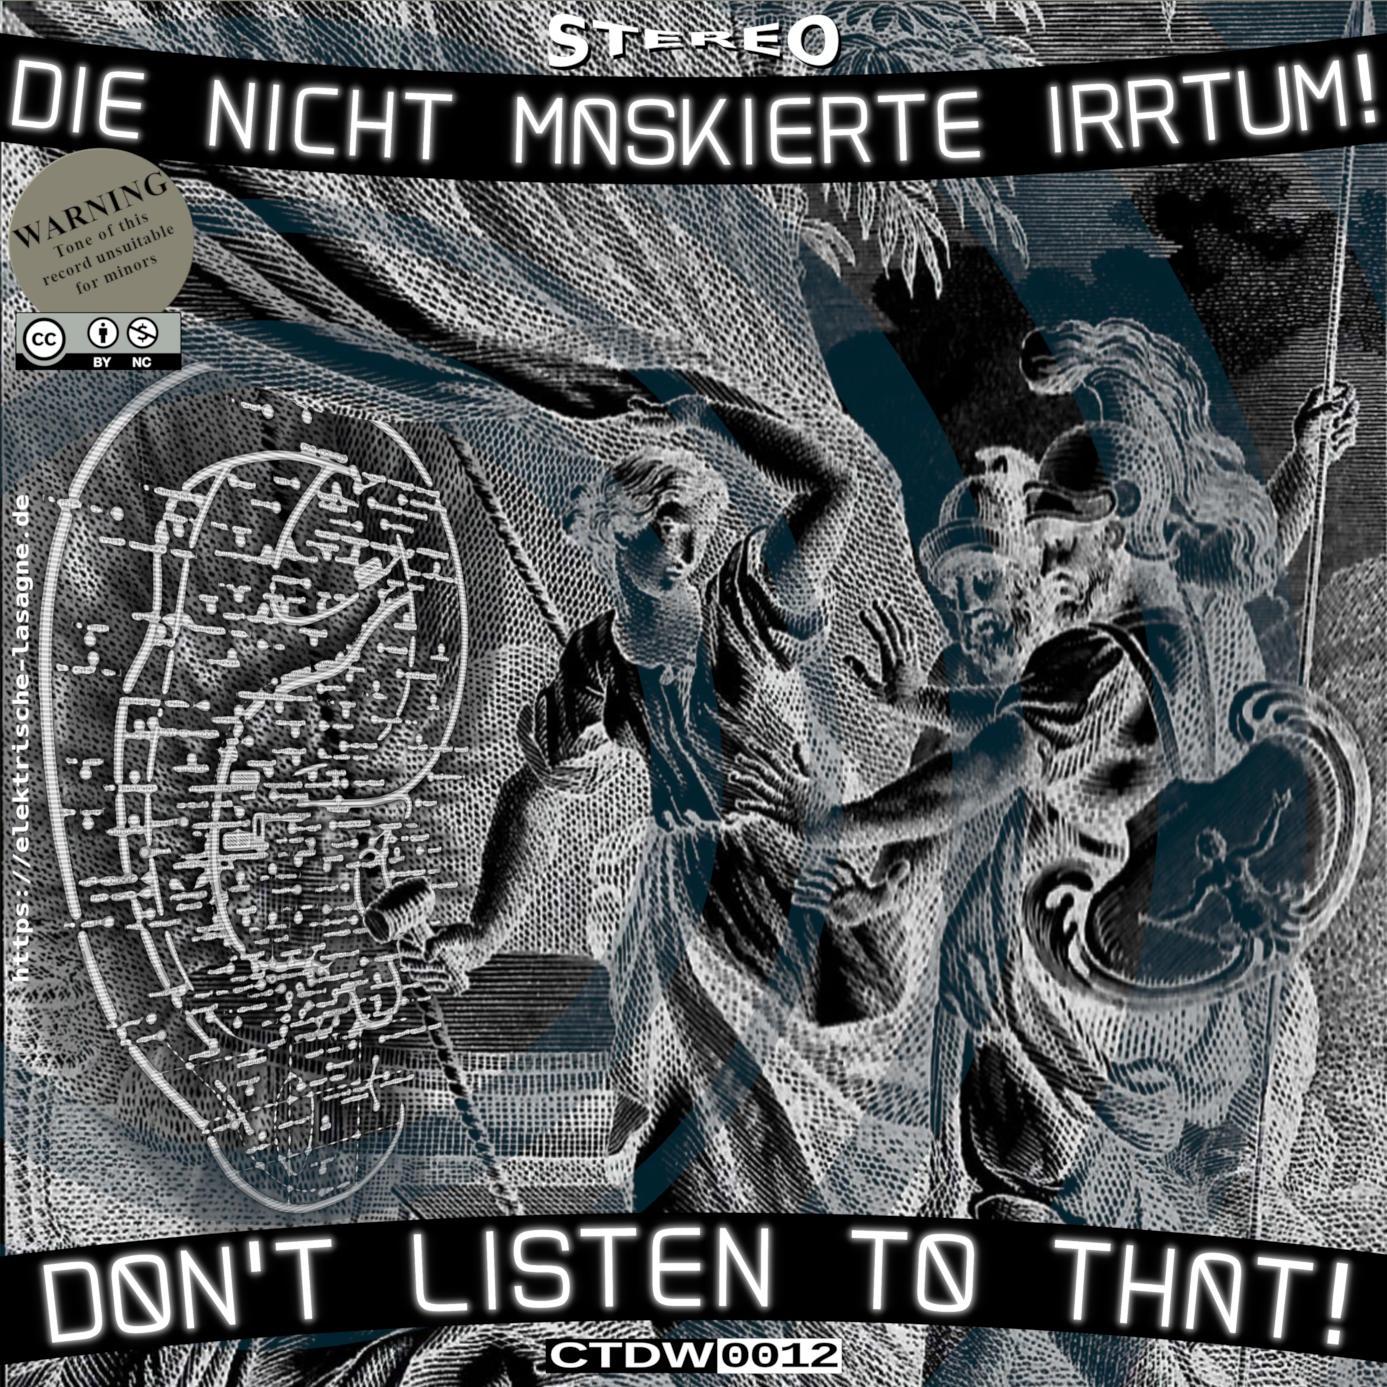 die nicht maskierte irrtum! – Don't Listen To That!